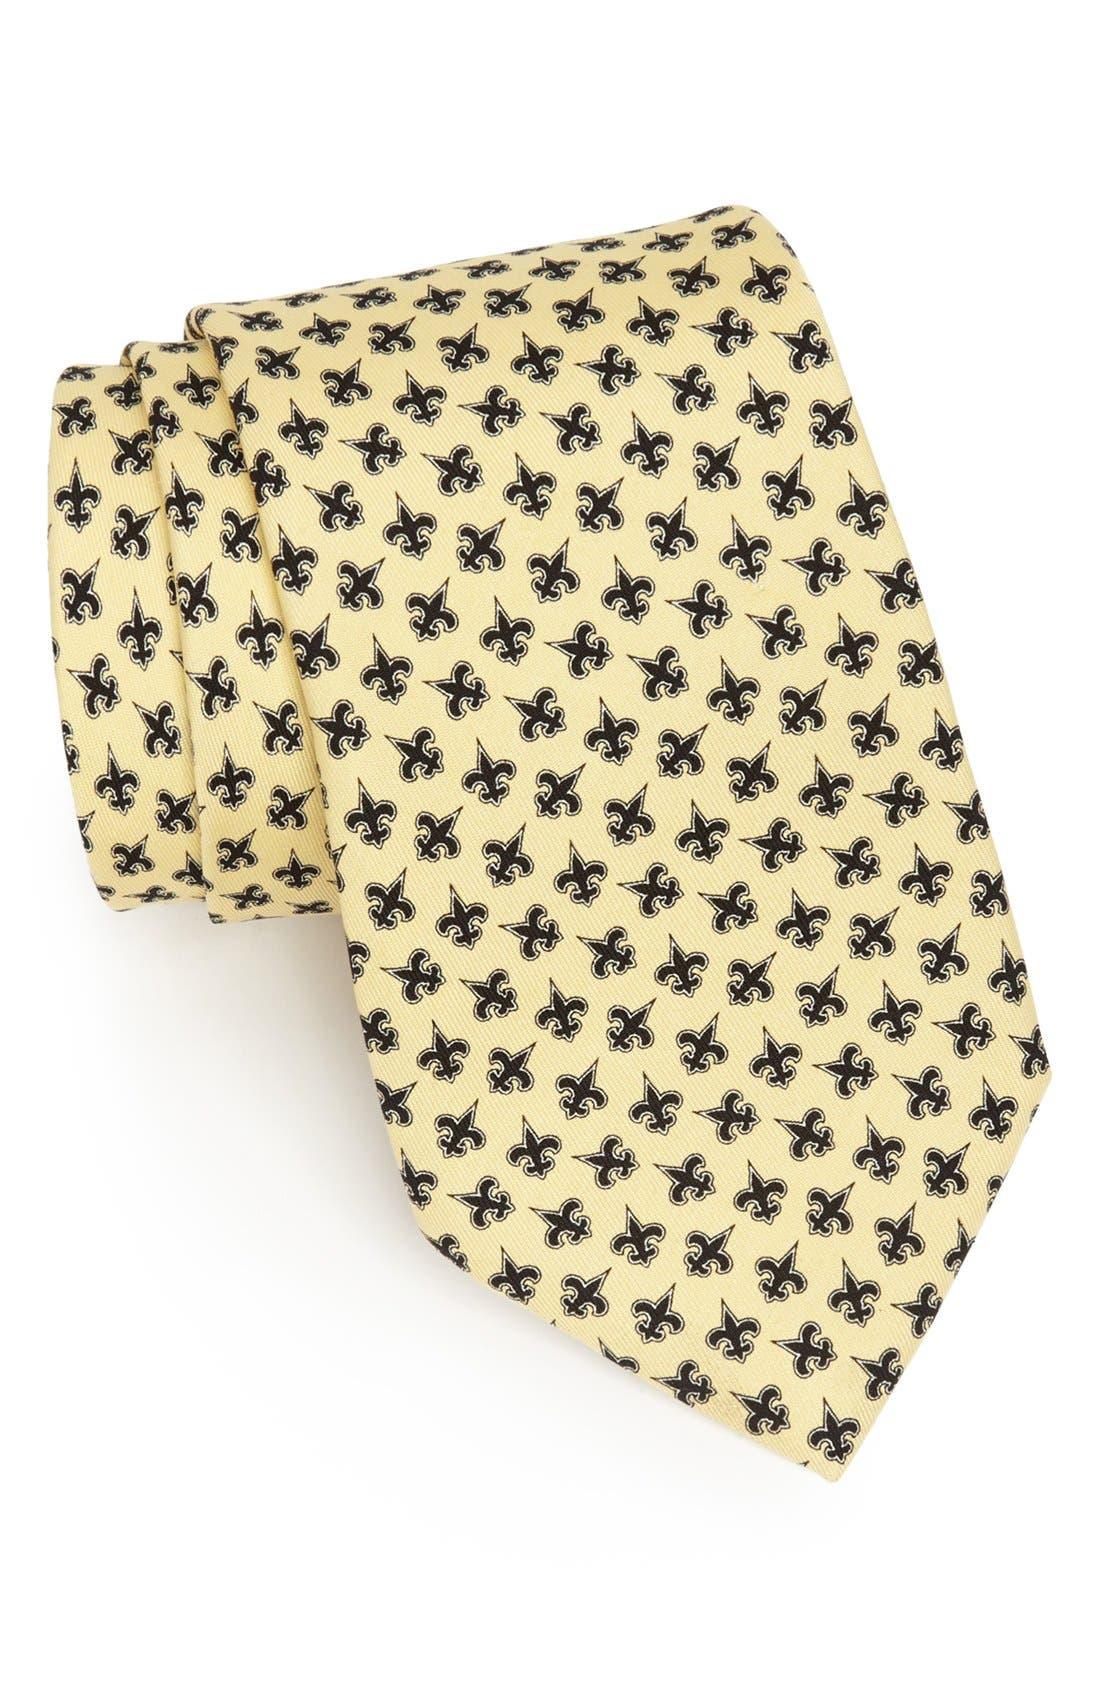 Main Image - Vineyard Vines New Orleans Saints Print Tie